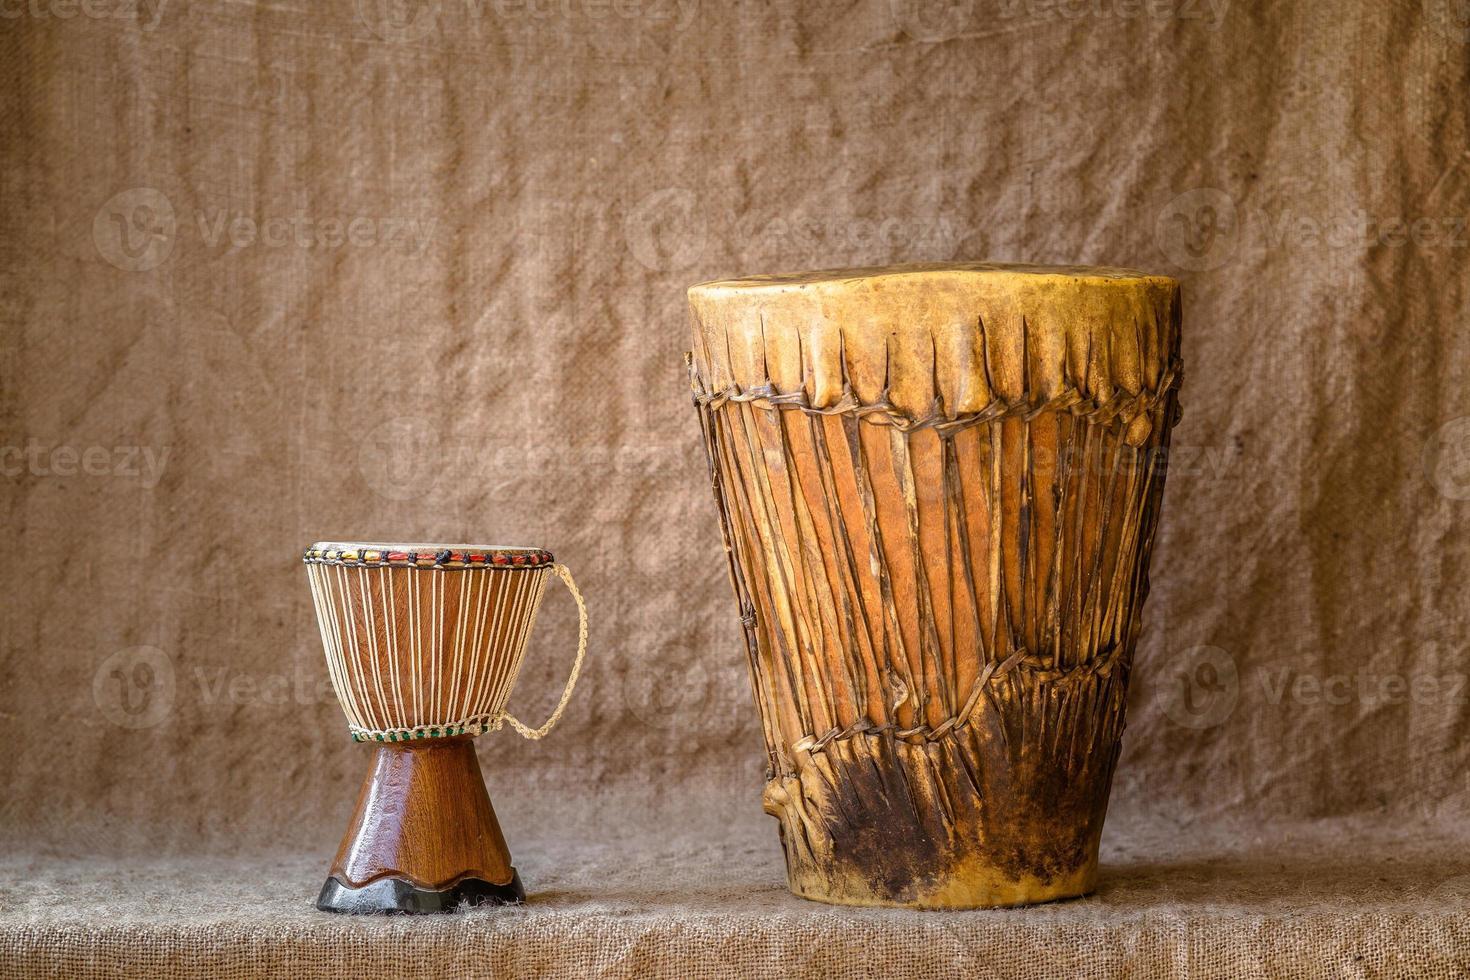 strumenti a percussione in legno foto